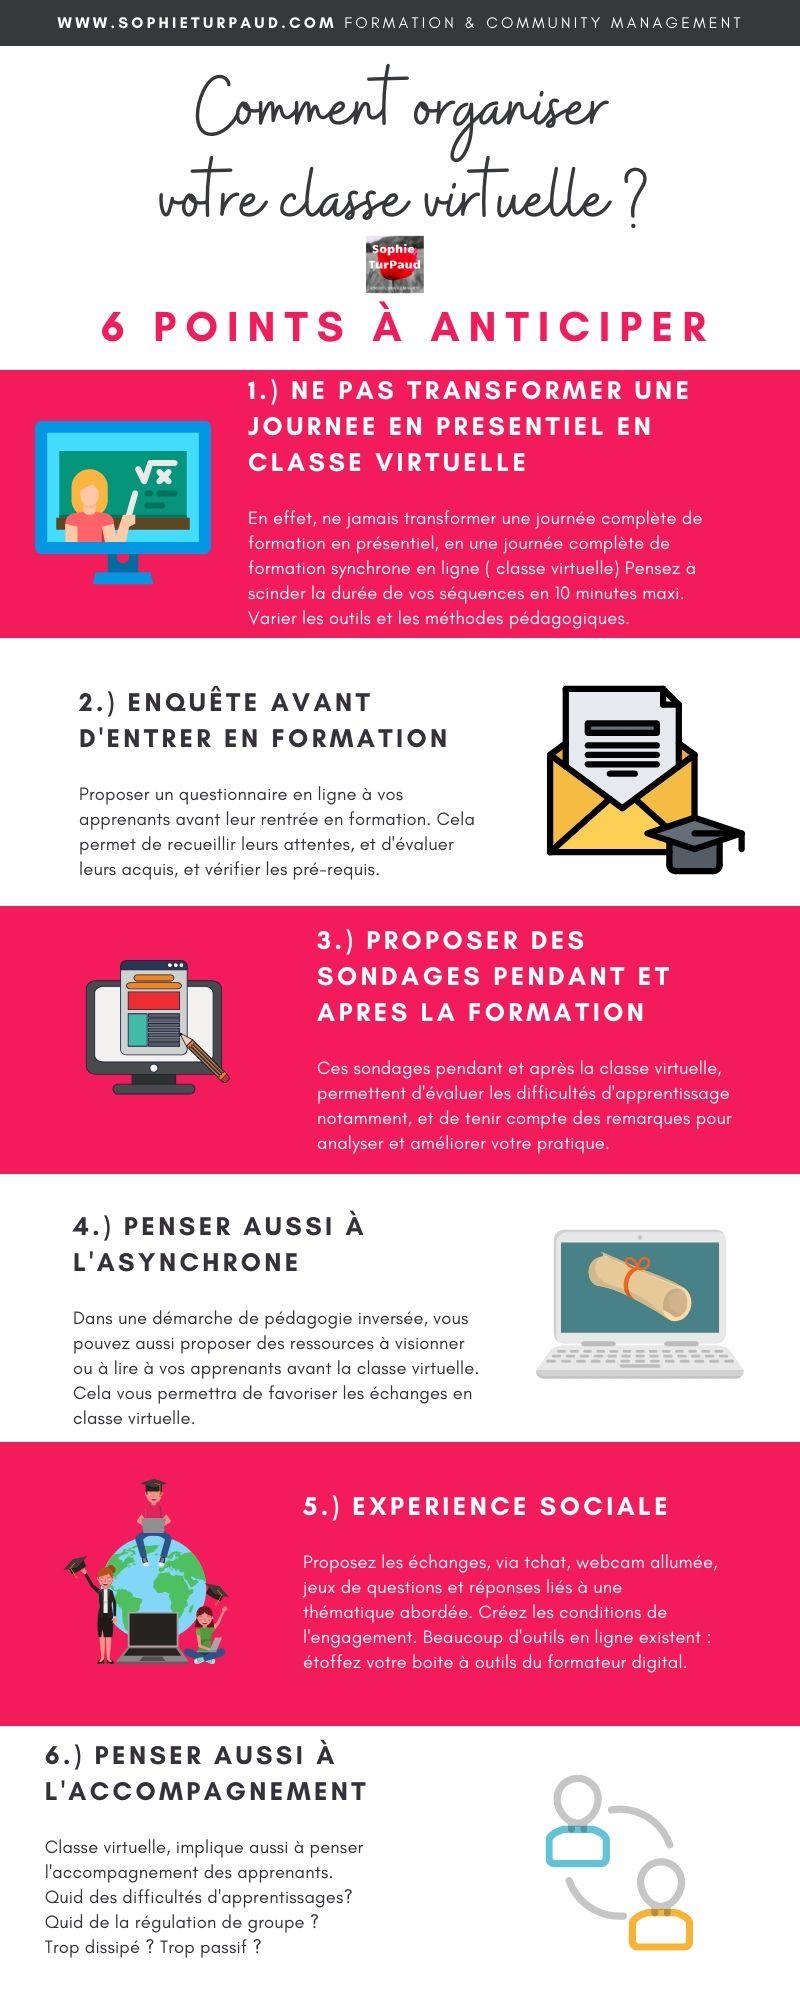 Infographie : Comment organiser votre classe virtuelle via @sophieturpaud